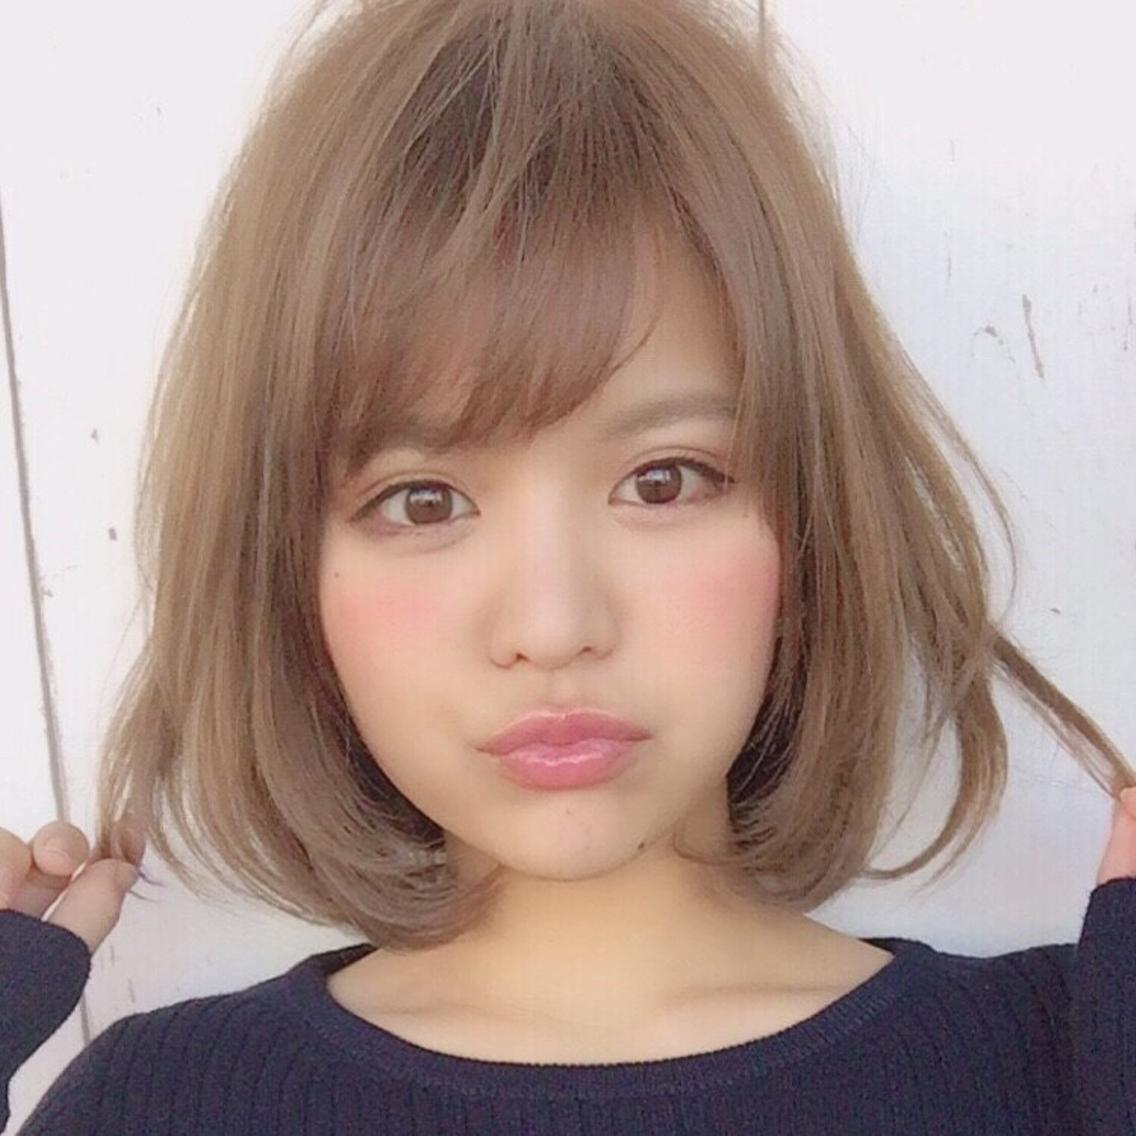 当日✨有名美容室芸能人御用達✨実力派サロンが渋谷に上陸OPEN記念特別価格他店では味わえない最高の技術を提供します